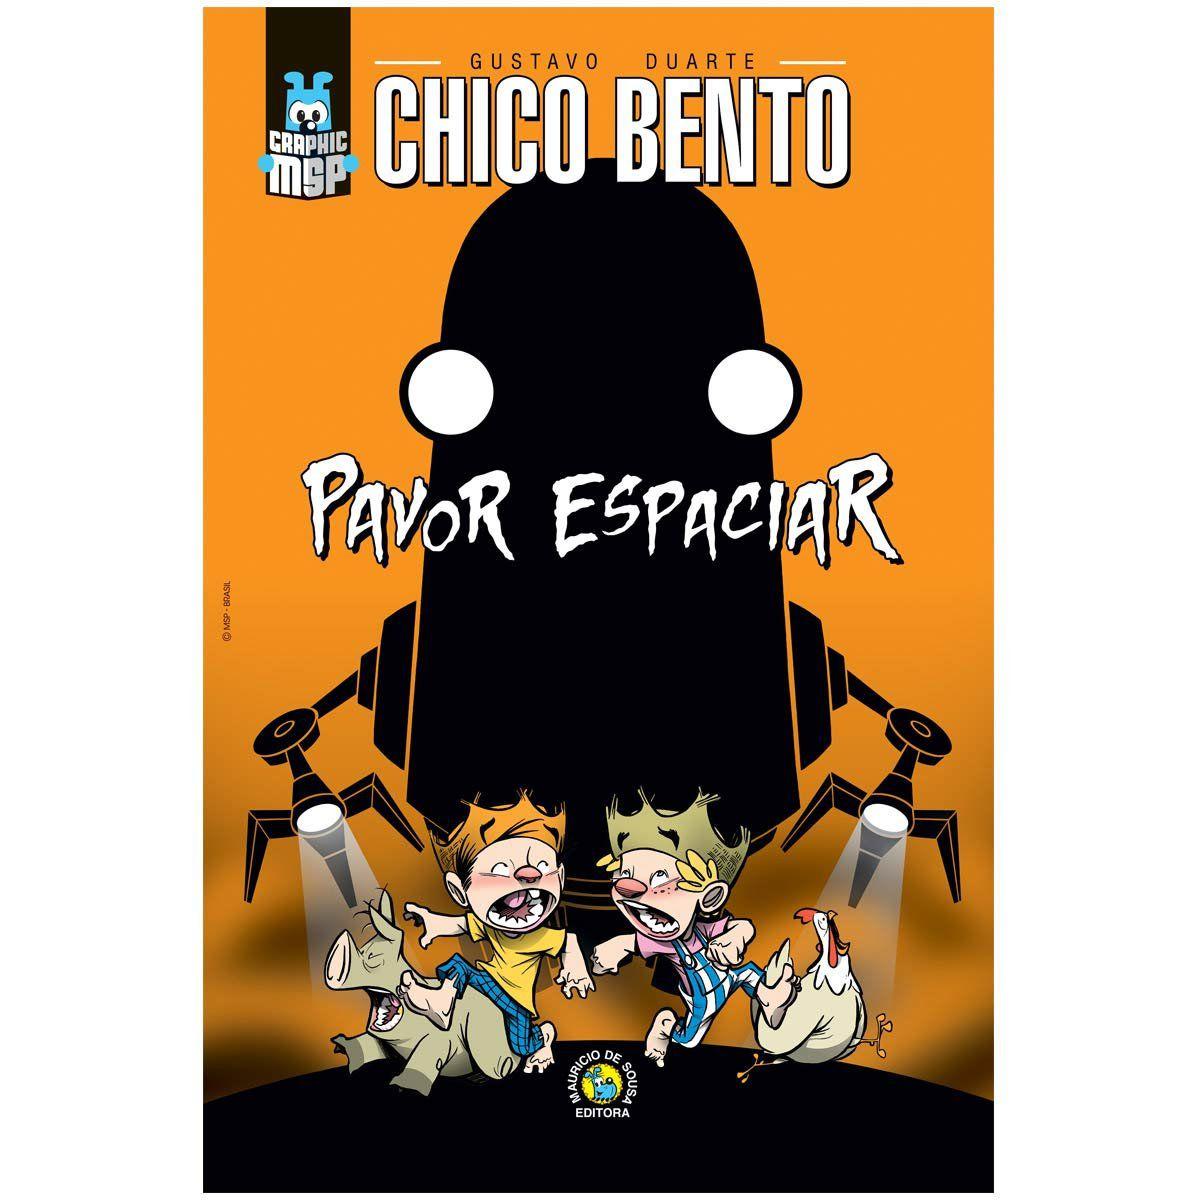 Poster Turma da Mônica Chico Bento Pavor Espaciar